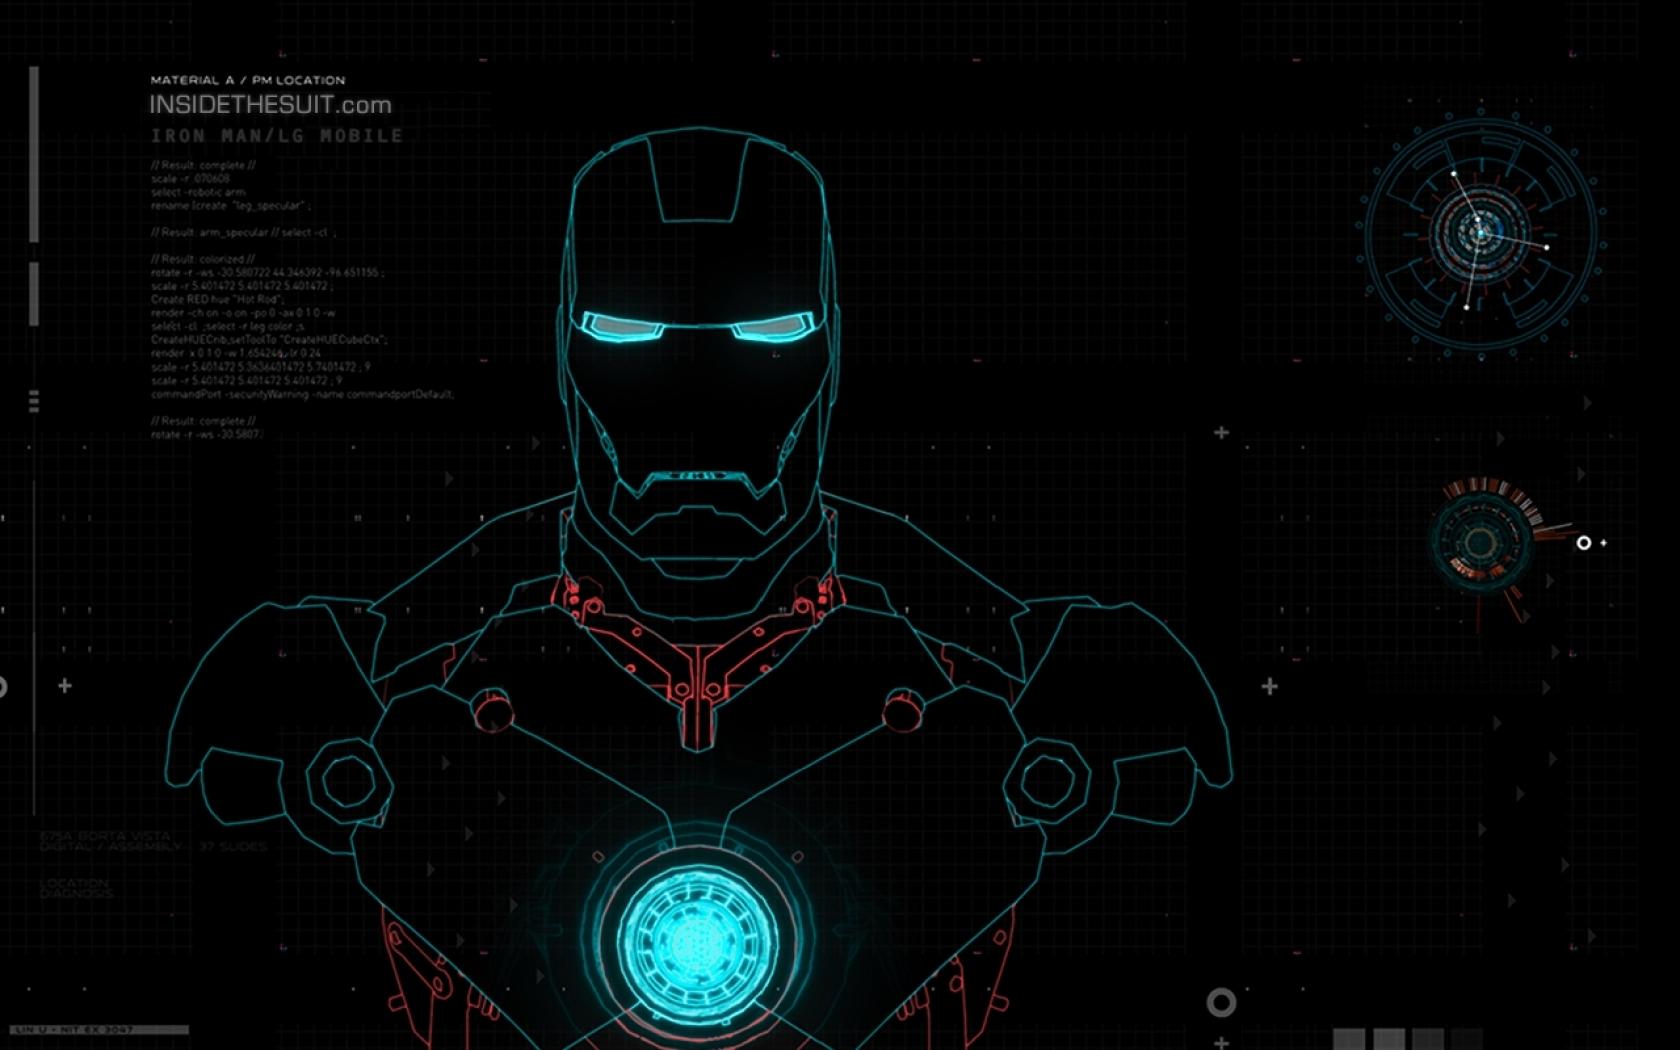 iron man arc reactor 1280x960 wallpaper Entertainment HD Wallpaper 1680x1050